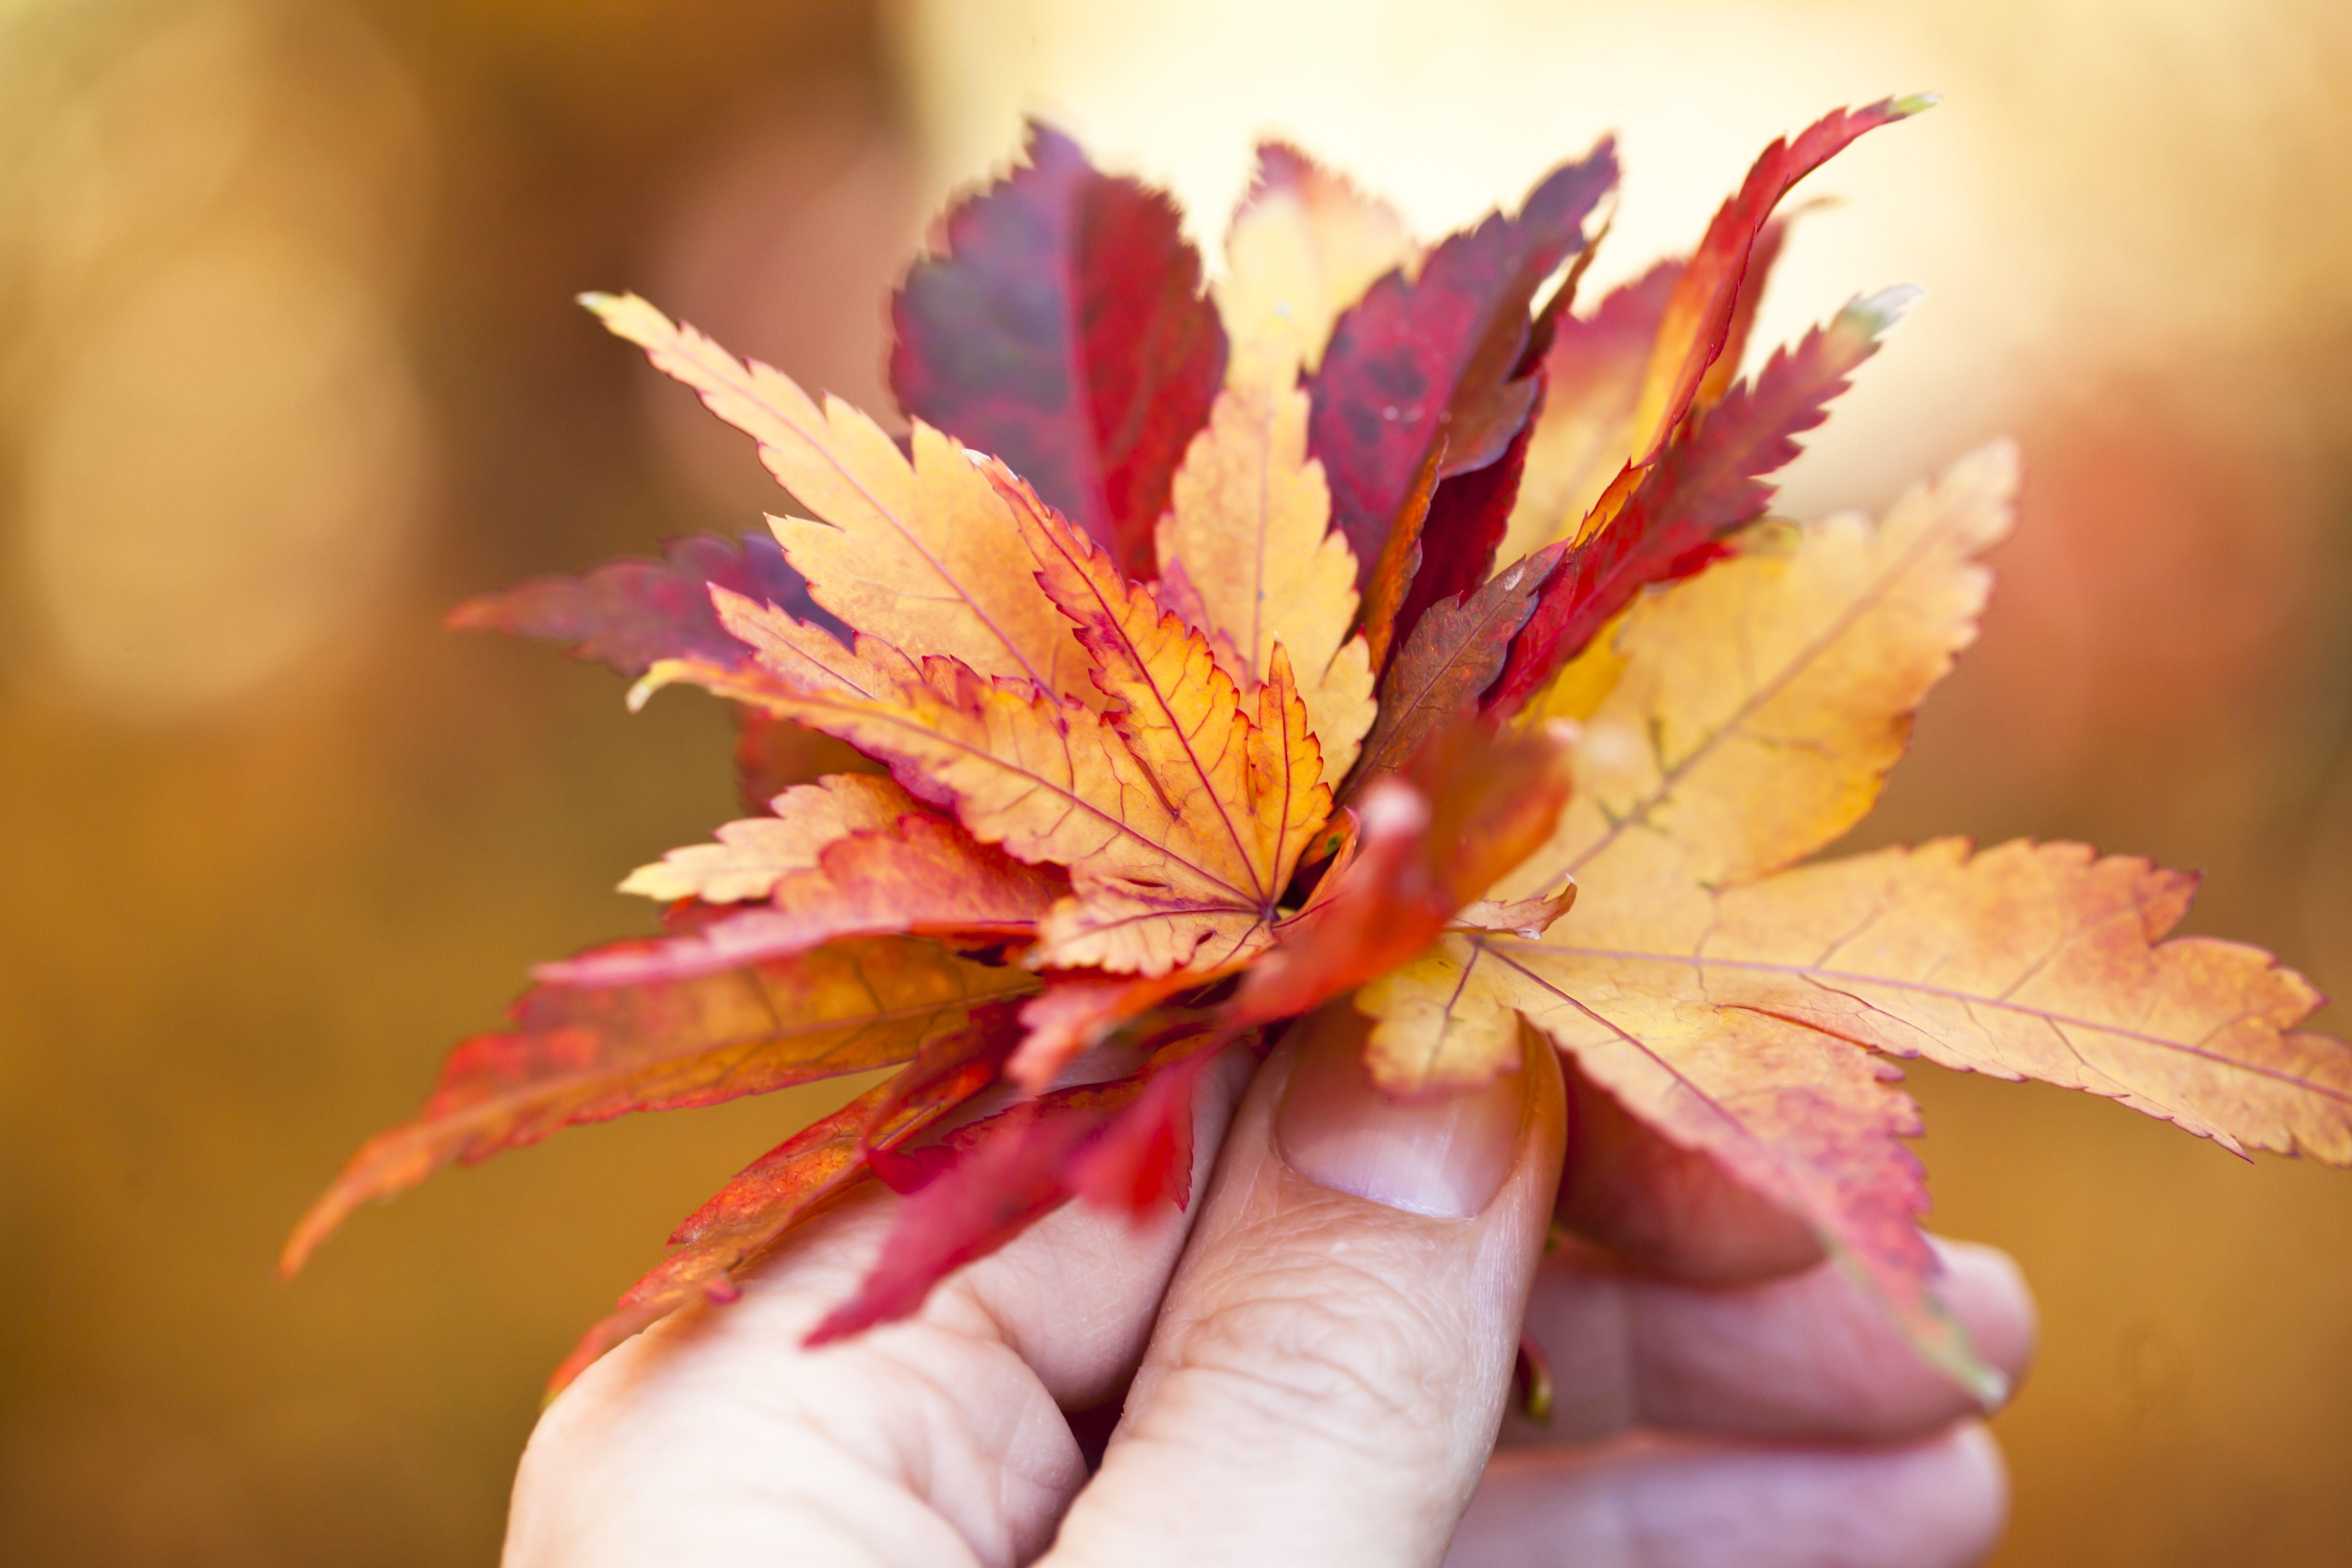 Cuando la producción de clorofila disminuye, otros pigmentos de las hojas se vuelven visibles.